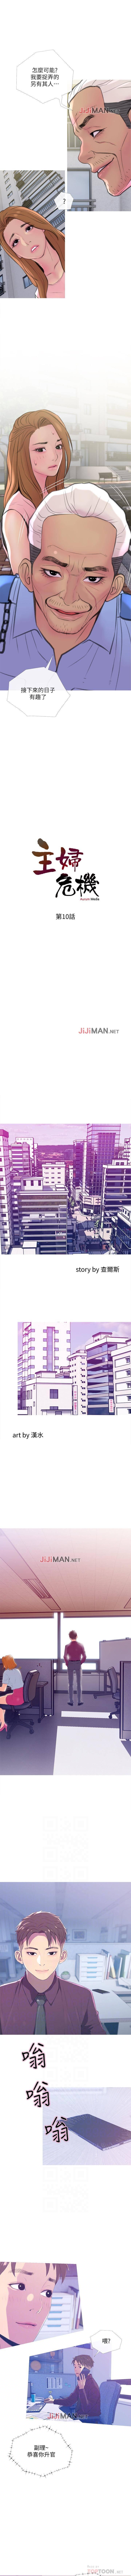 【周五连载】主妇危机(作者:查爾斯&漢水) 第1~26话 64